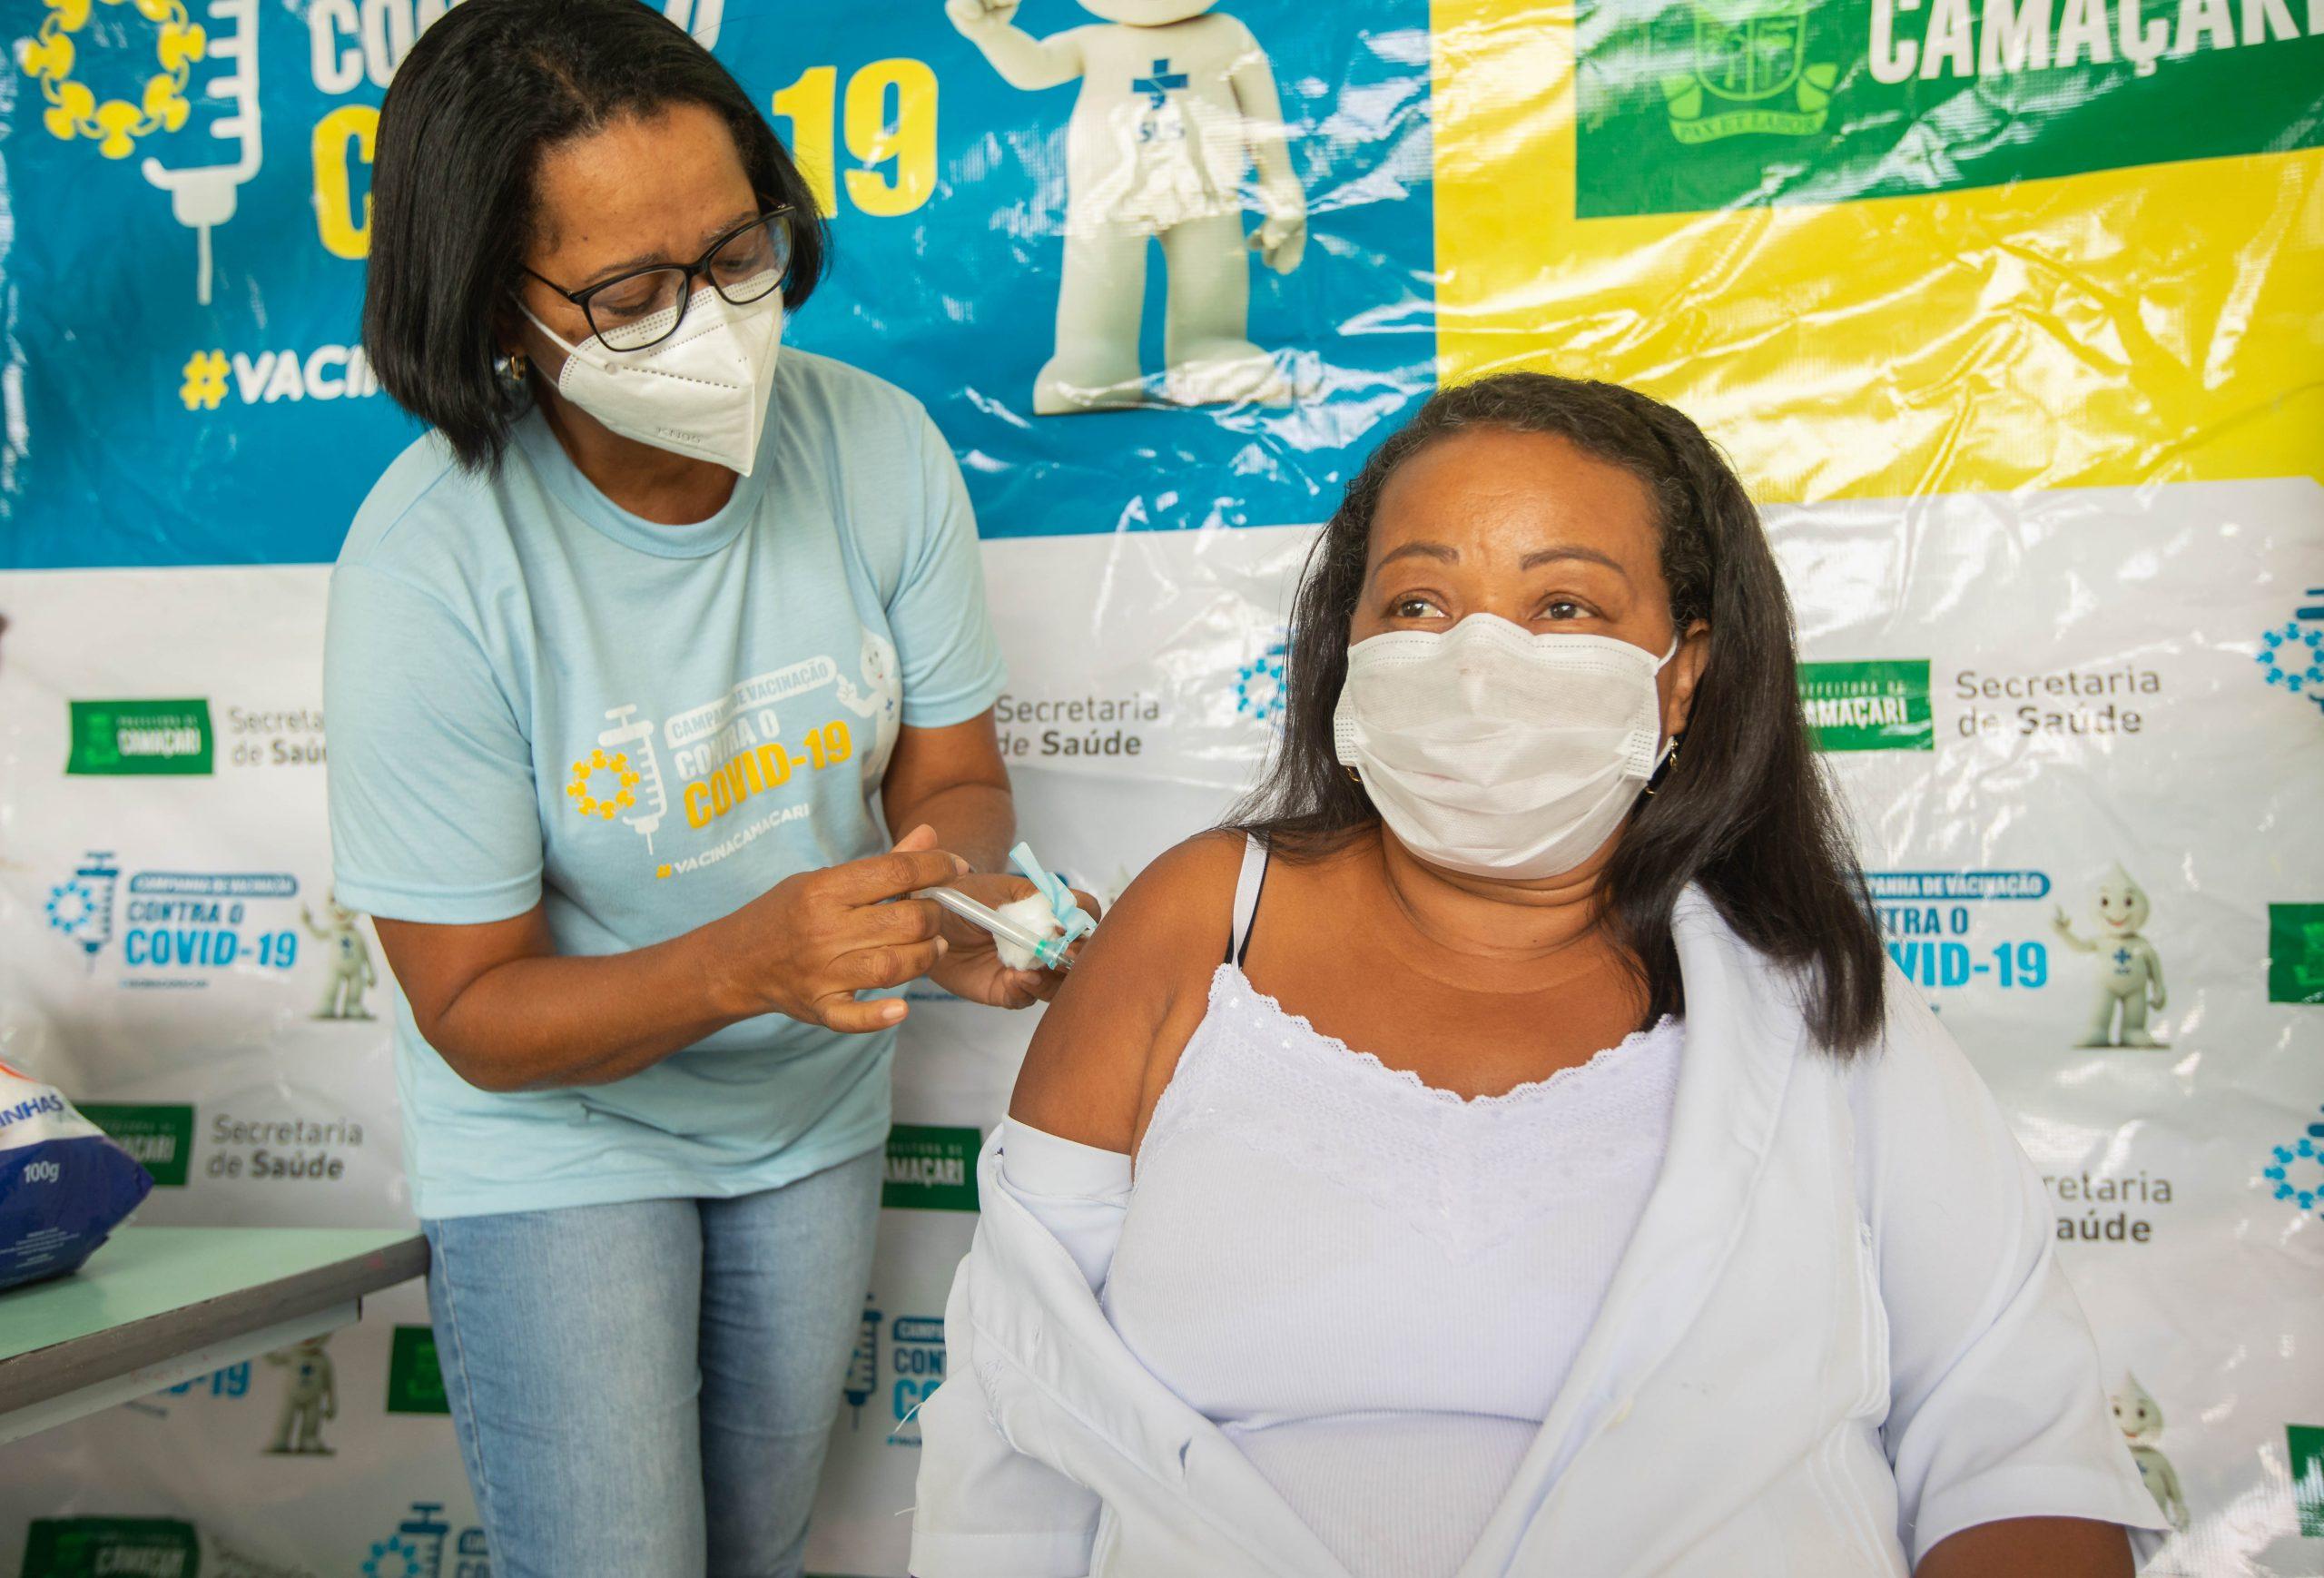 Primeira vacinada em Camaçari recebe 2ª dose da CoronaVac